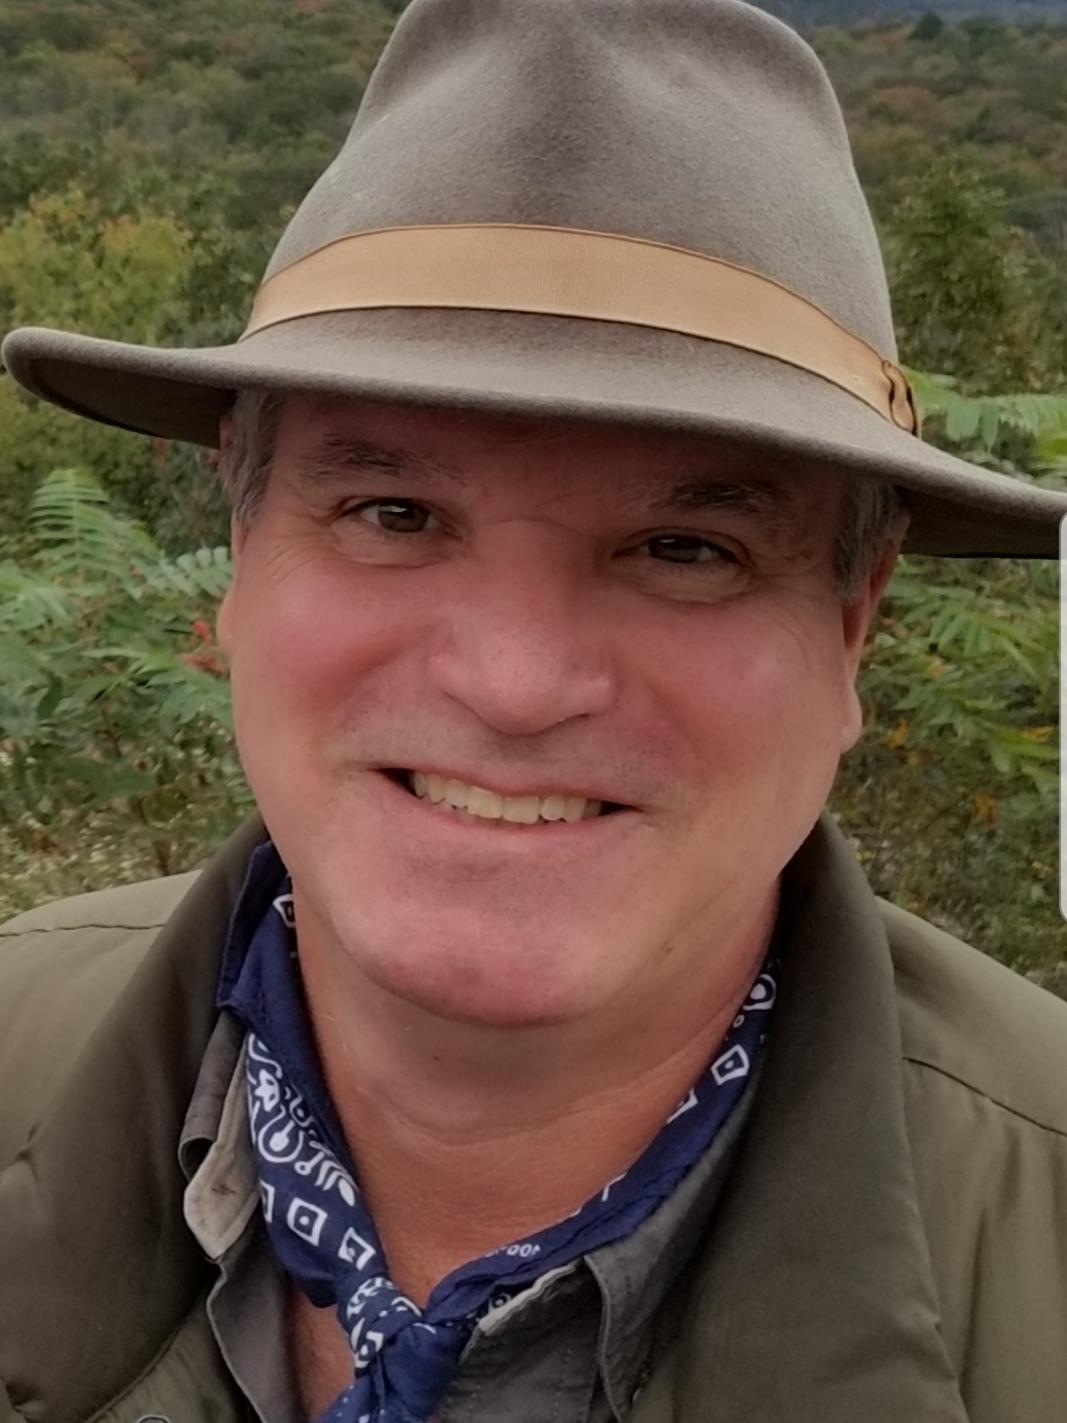 Andrew Dal Nogare